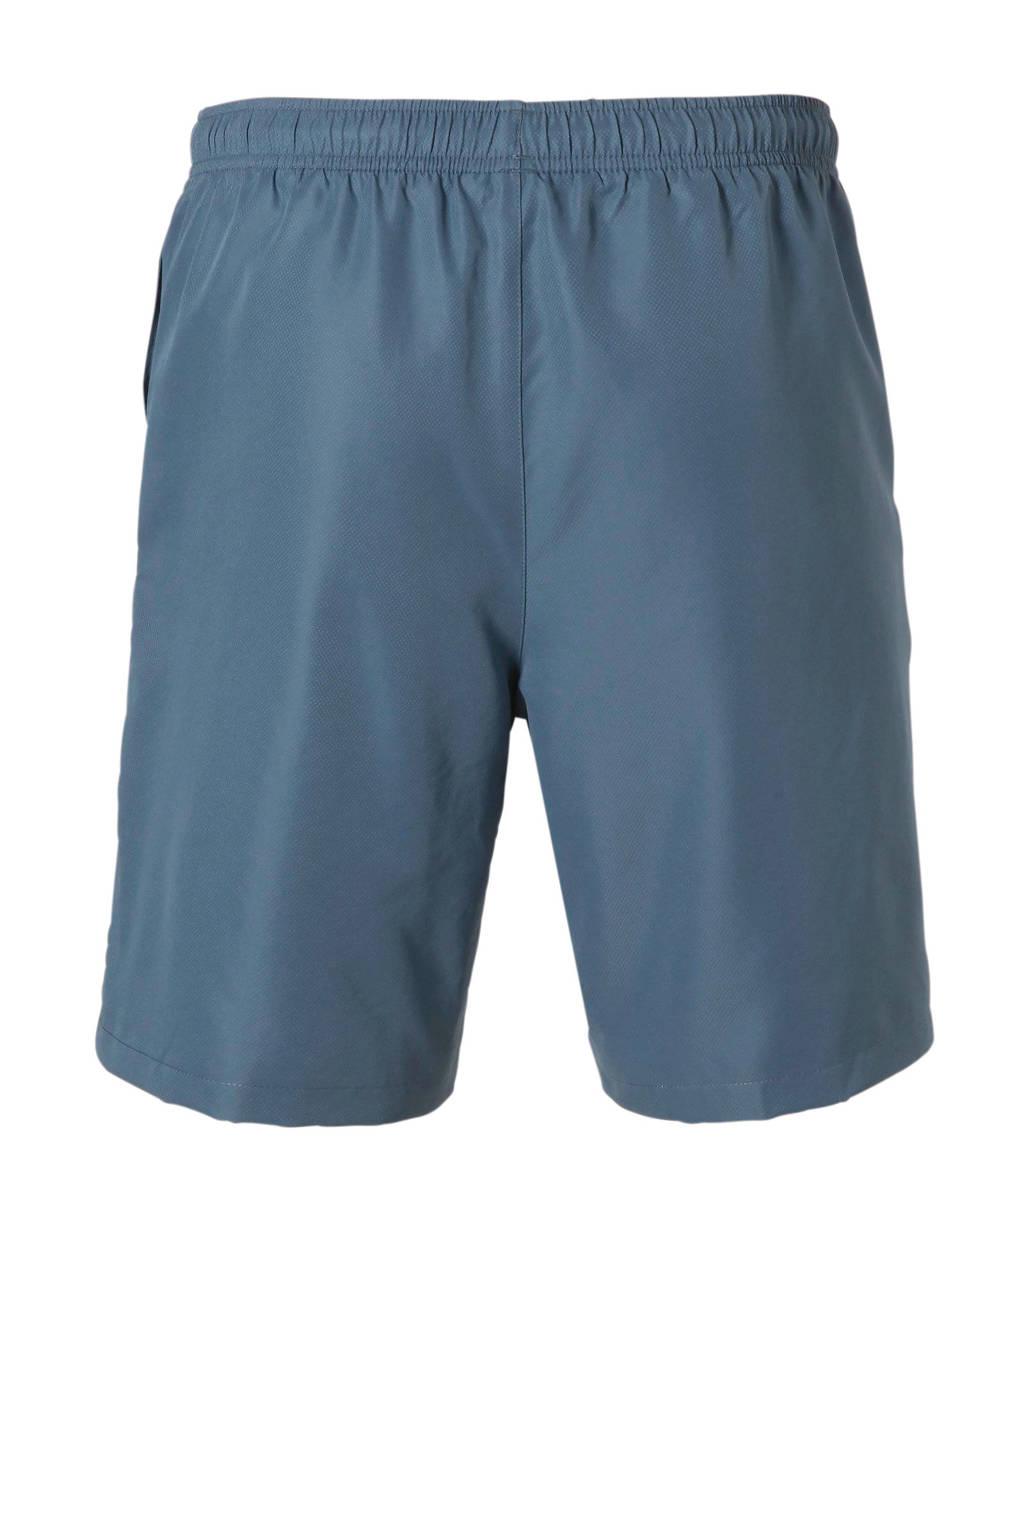 Lacoste   sportshort blauw, Blauw